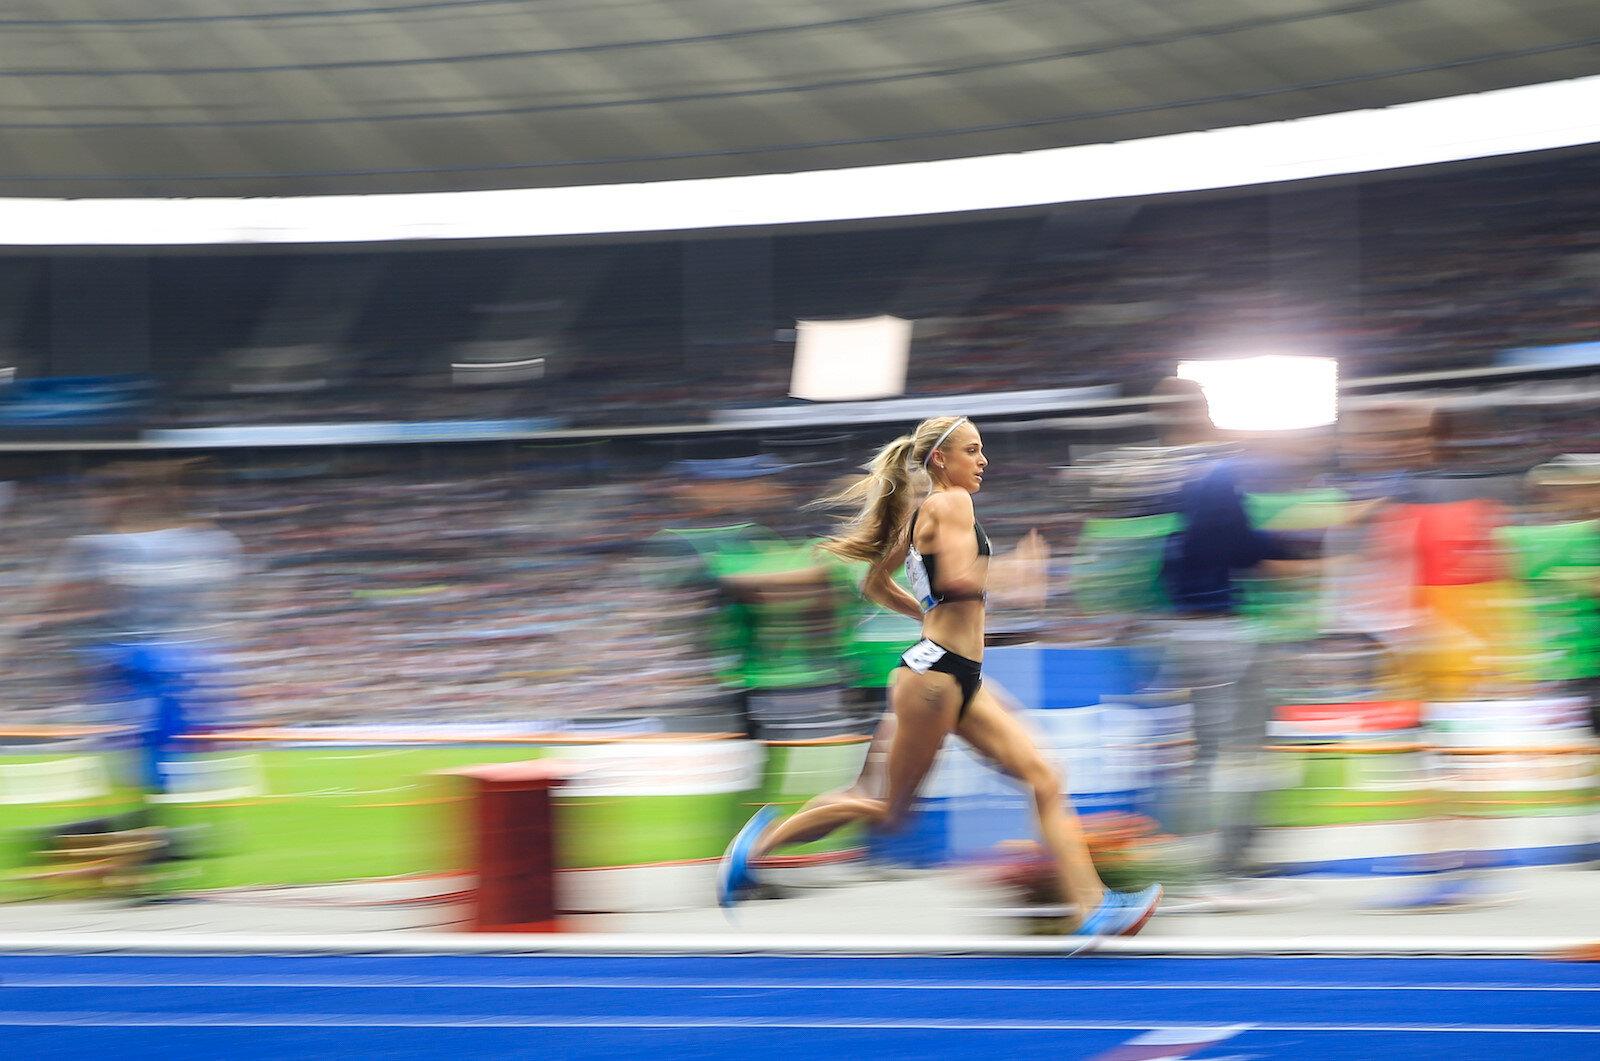 Almanya'nın başkenti Berlin'de 77. Istaf Uluslararası Atletizm Şampiyonası düzenlendi. Şampiyonada kadınlar 3000 metre engelli yarışları koşuldu.